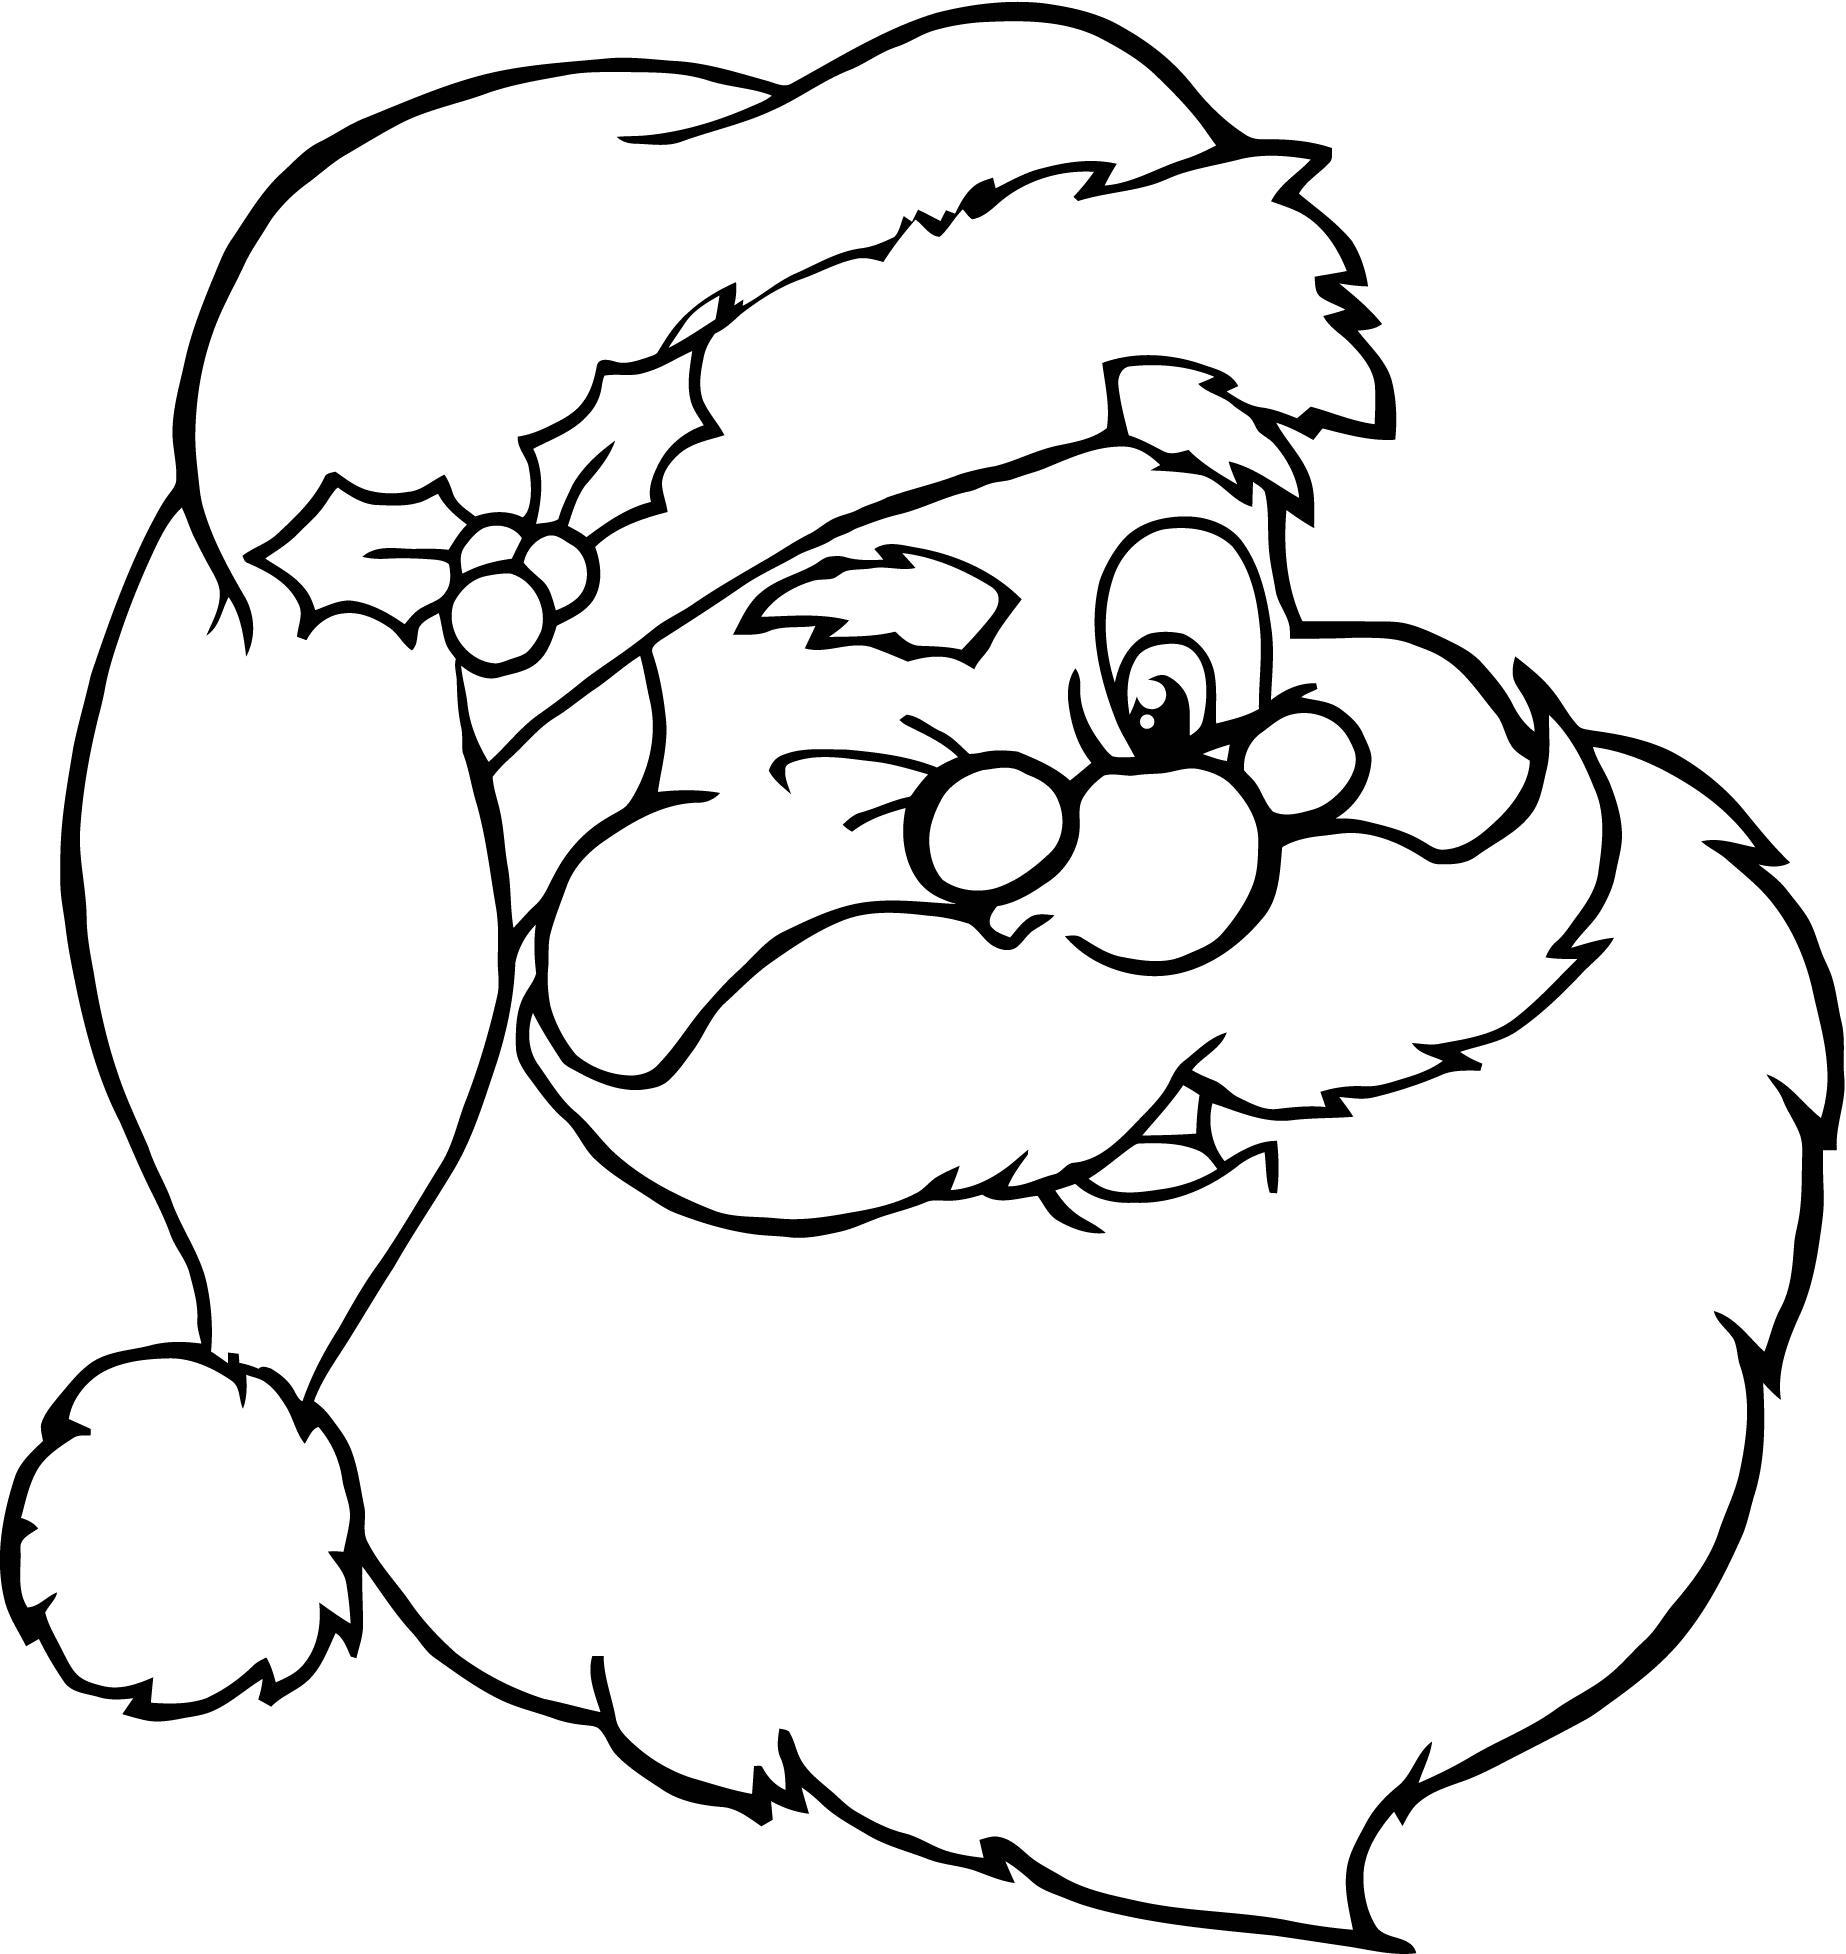 Dibujos De Papa Noel Para Colorear Dibujos De Santa Claus